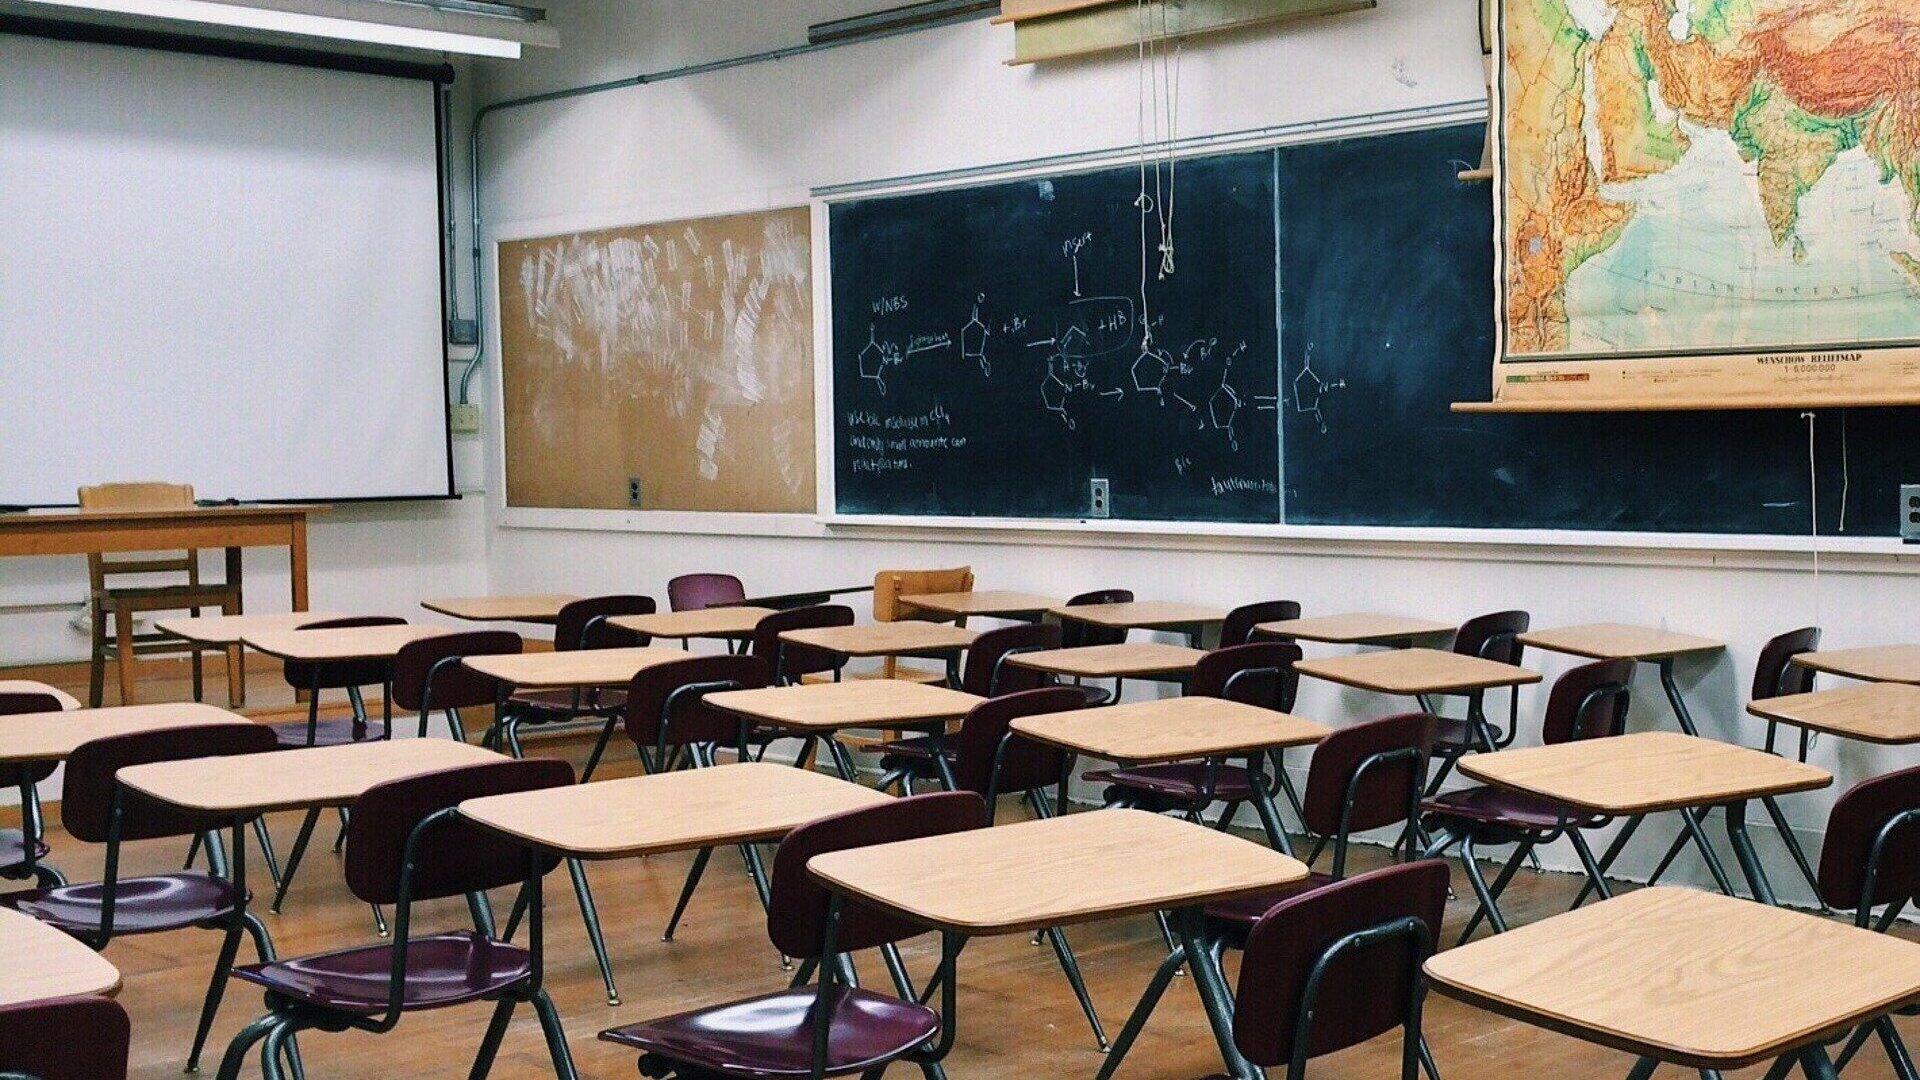 Klassenraum in einer Schule (Symbolbild) - SNA, 1920, 17.06.2021